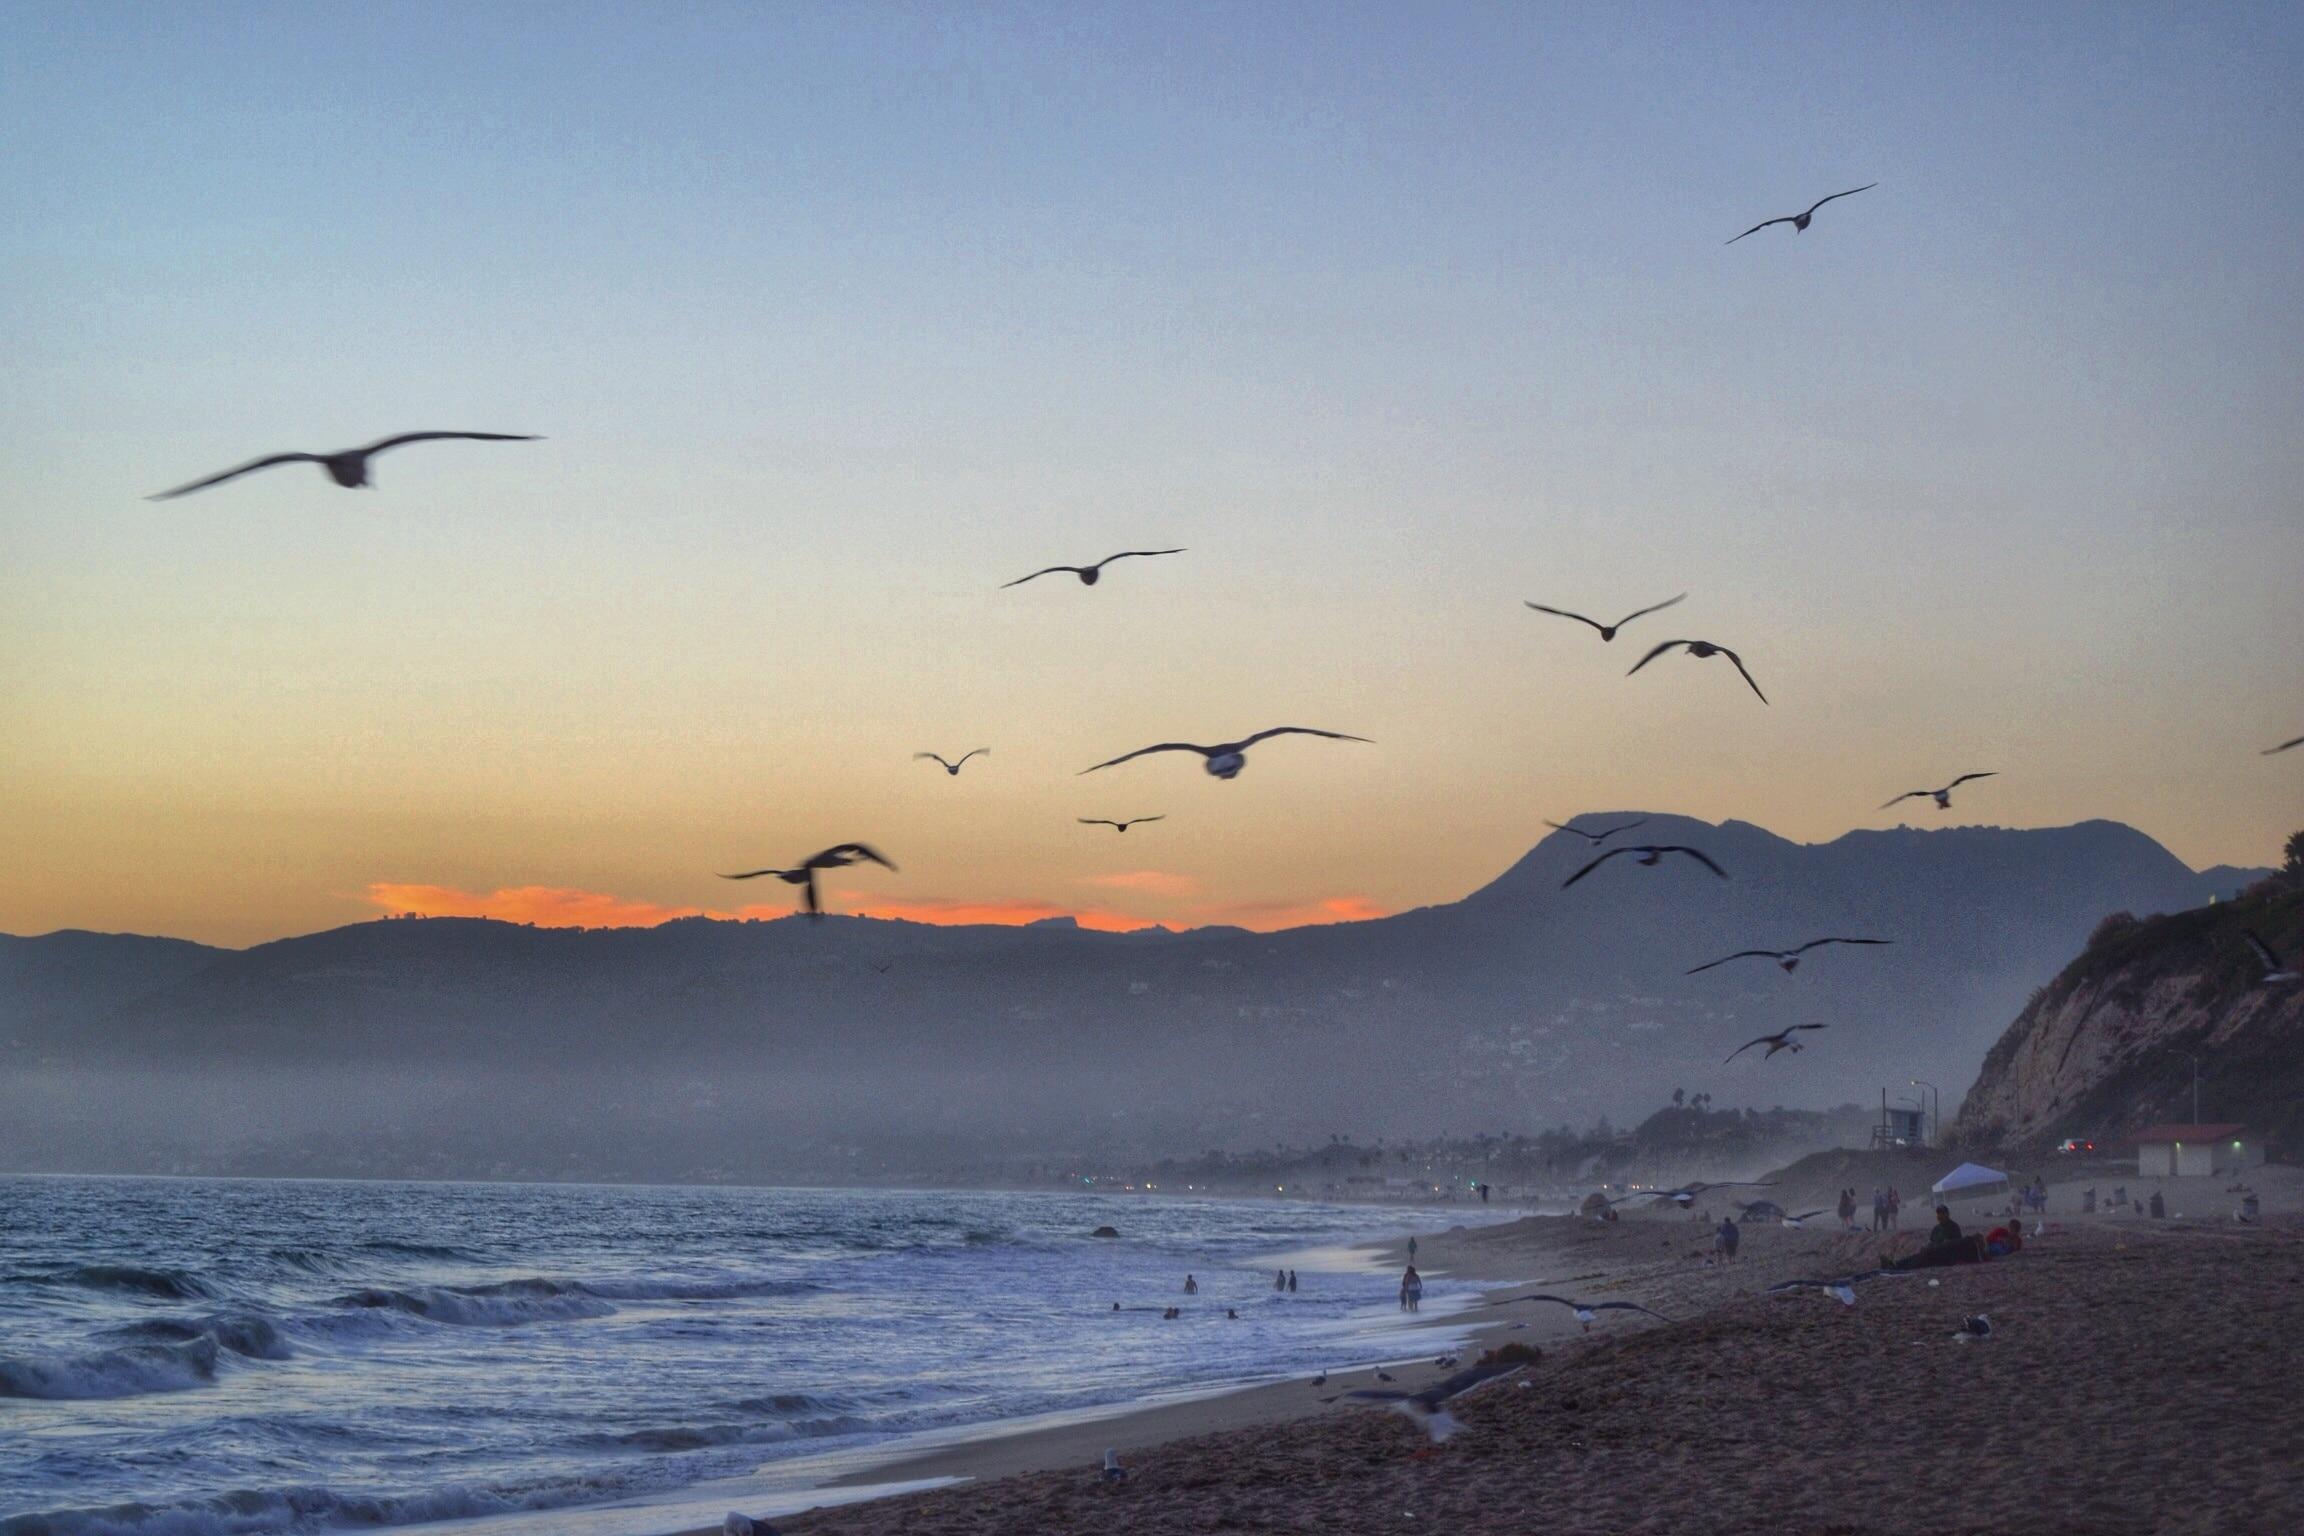 Zuma Beach, Malibu, California, USA